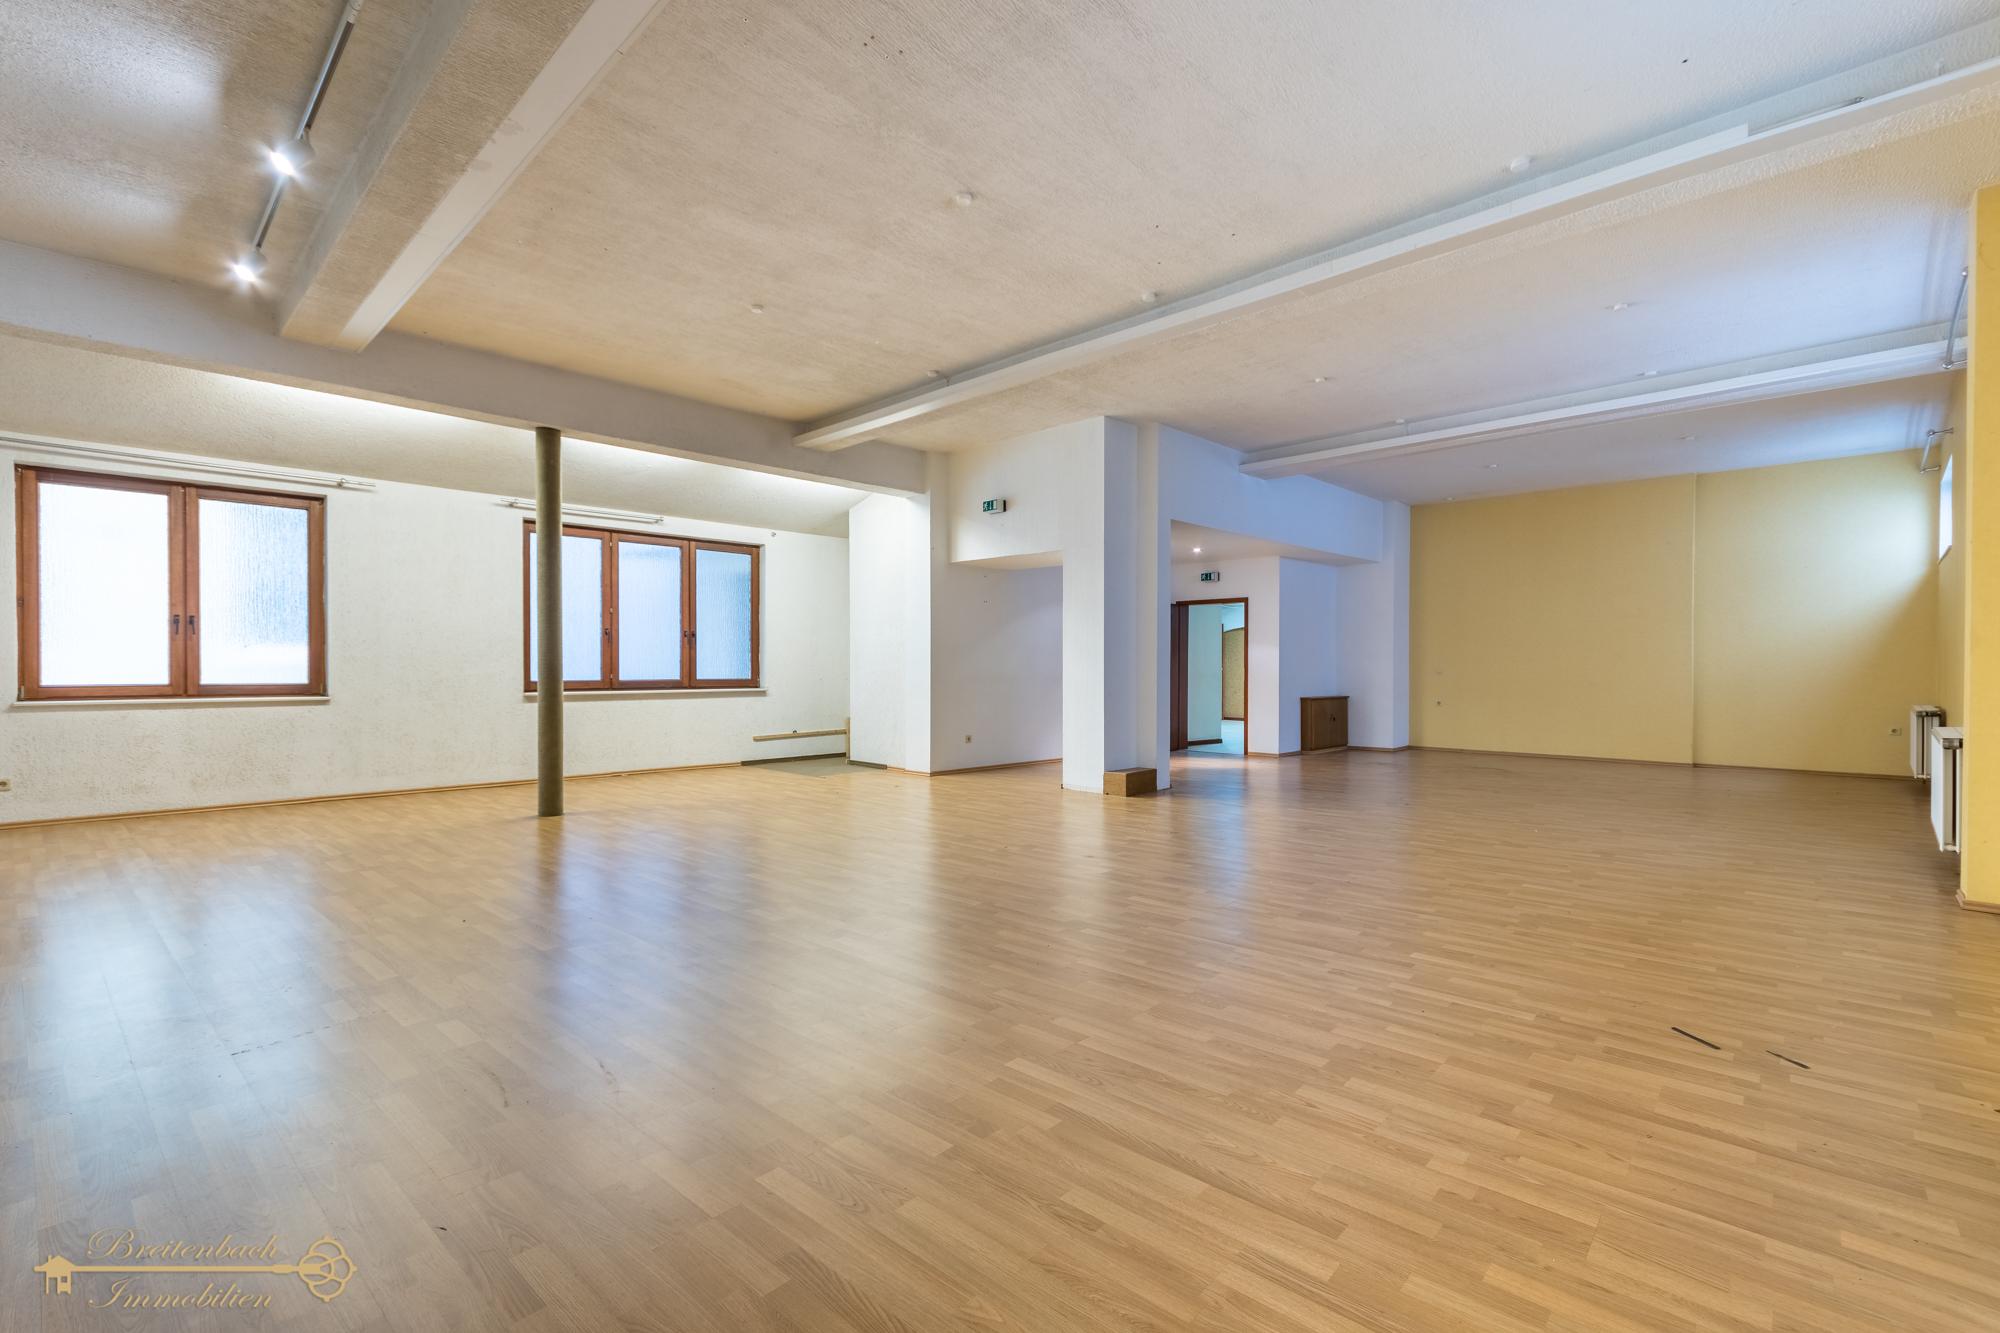 2020-11-15-Breitenbach-Immobilien-11